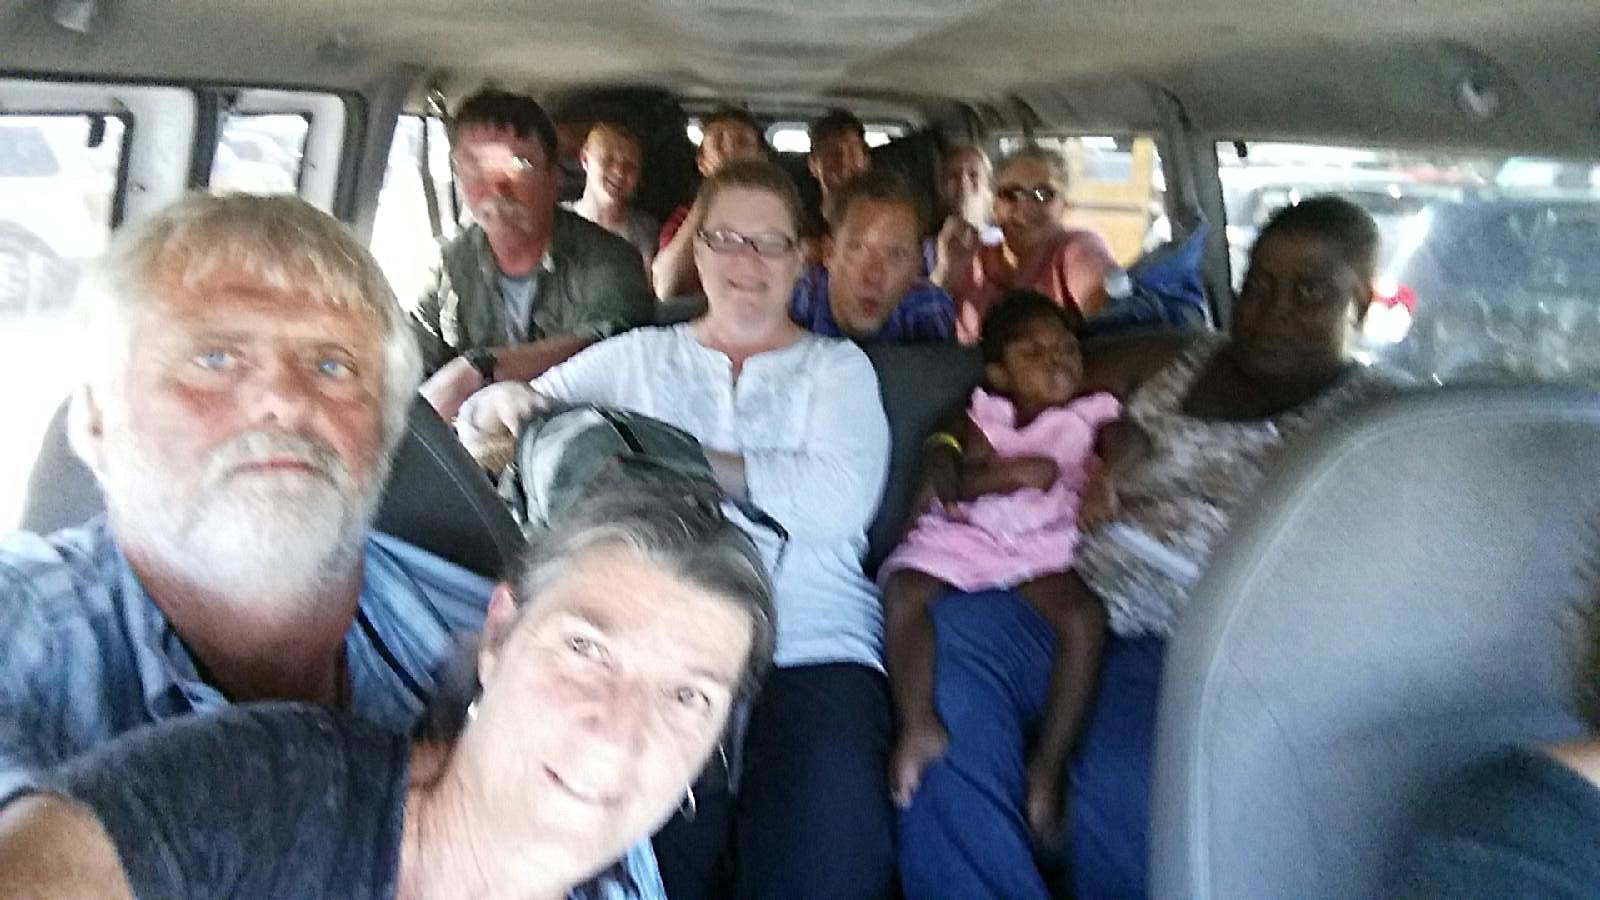 Haiti van ride